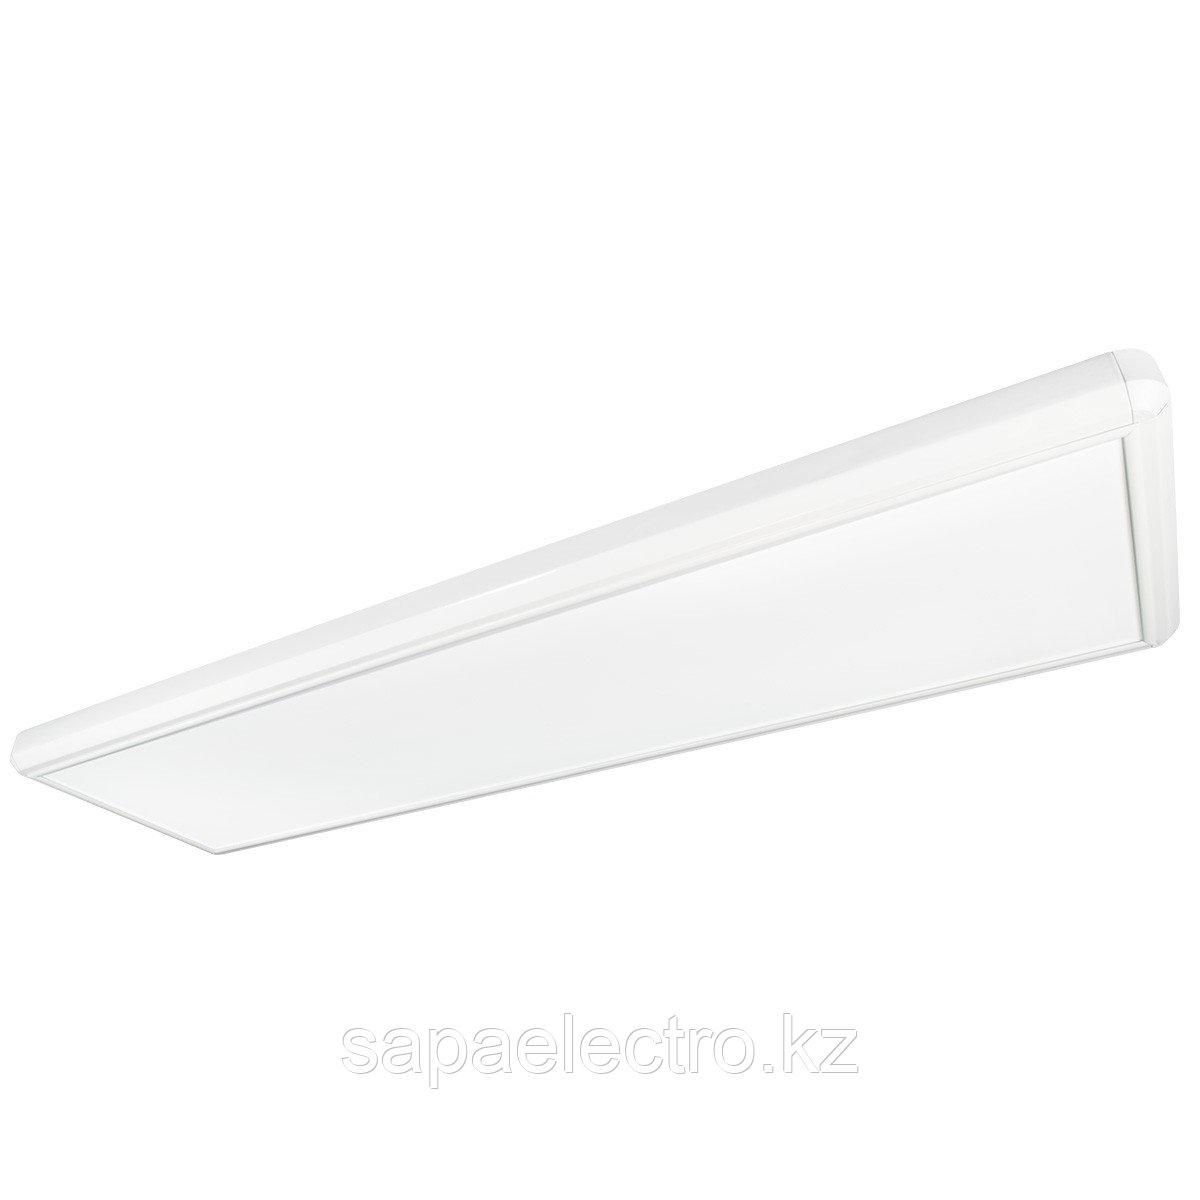 Св-к OPALLED 12X9W/LZN 236 DETAY накл-й MEGALUX